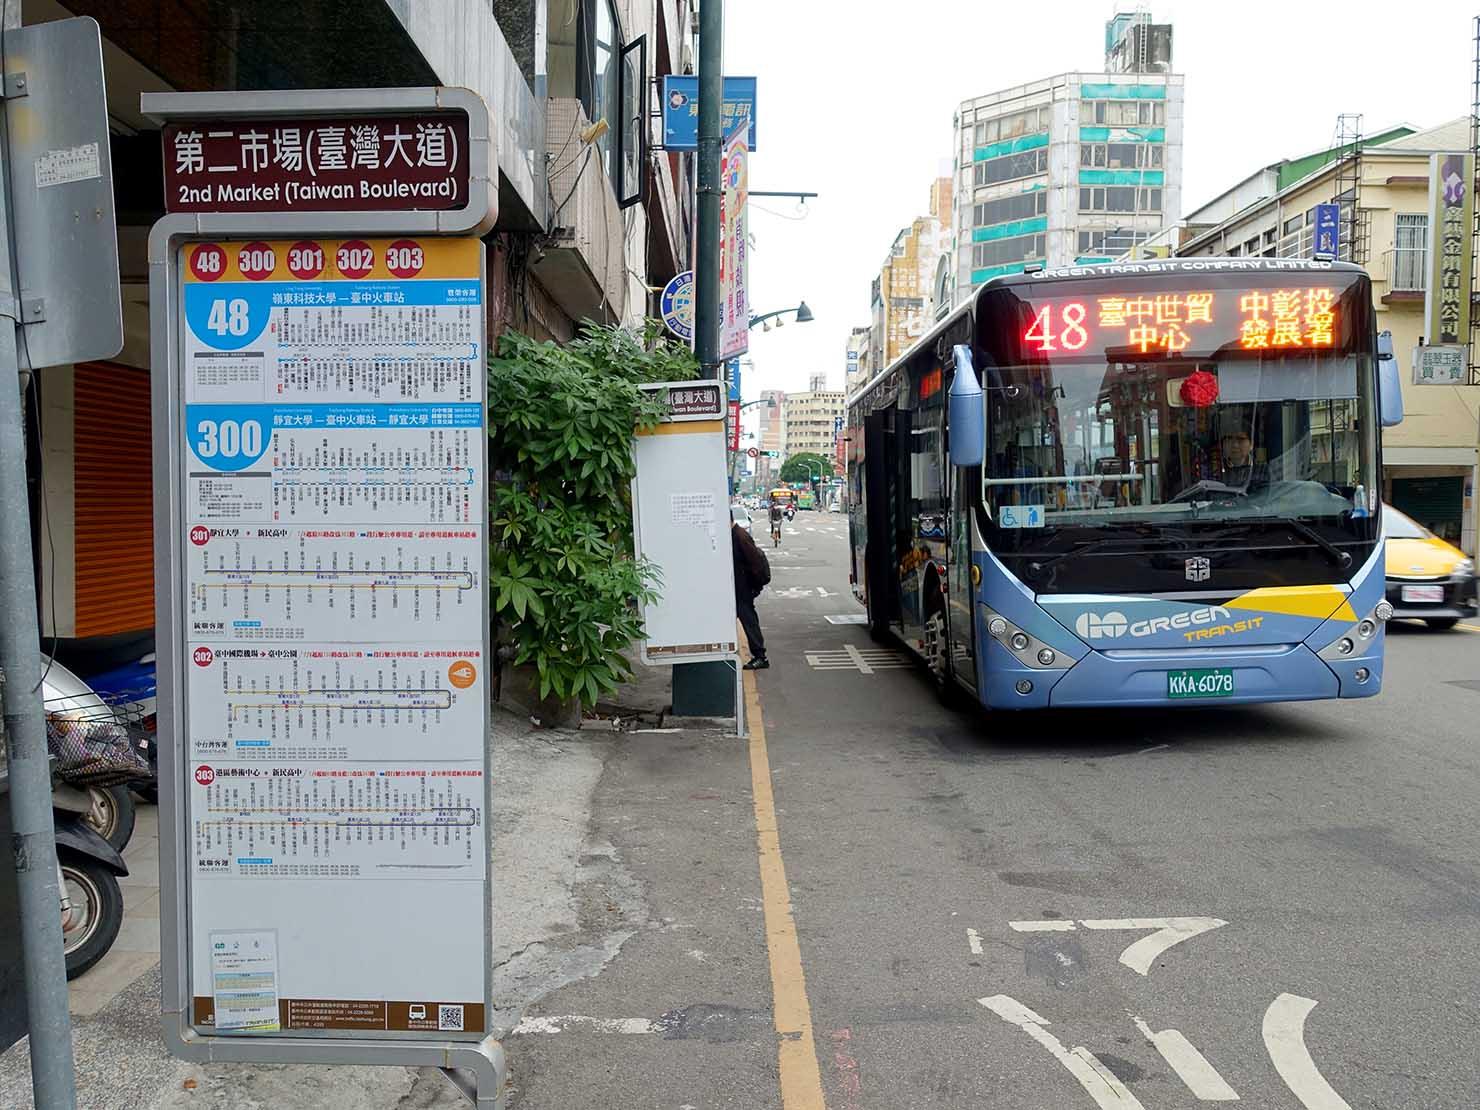 台中・第二市場最寄りのバス停「第二市場(台灣大道)」